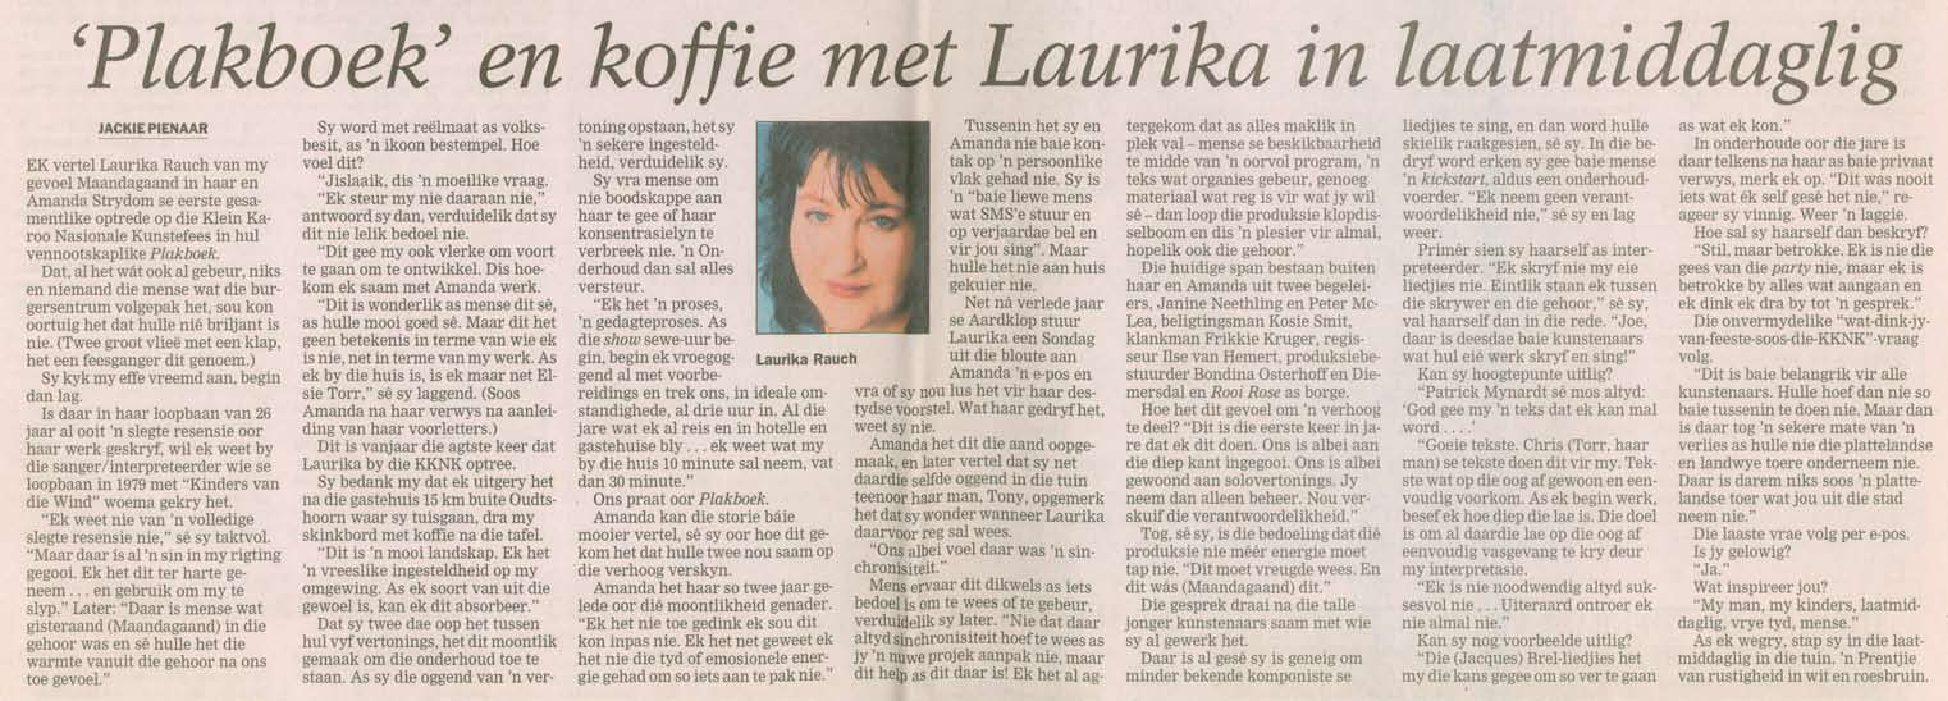 2005-die-burger-plakboek-en-koffie-met-laurika